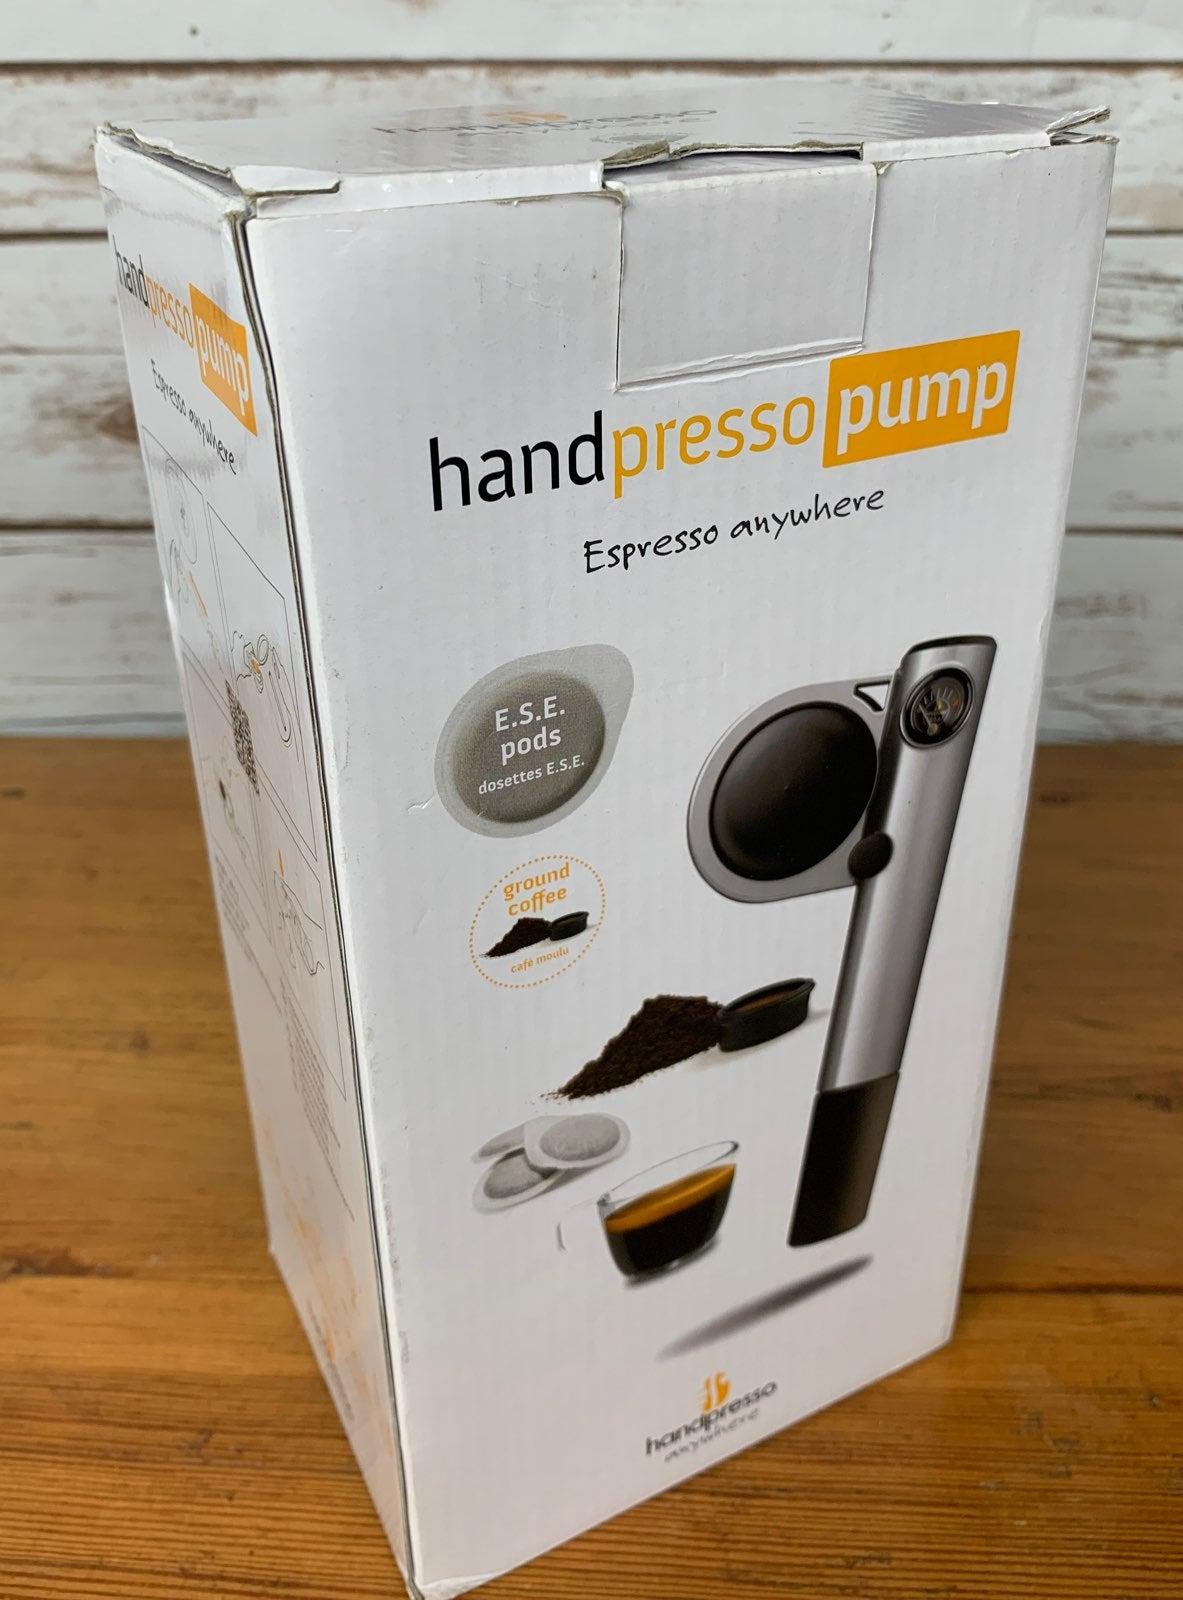 Handpresso pump - espresso anywhere